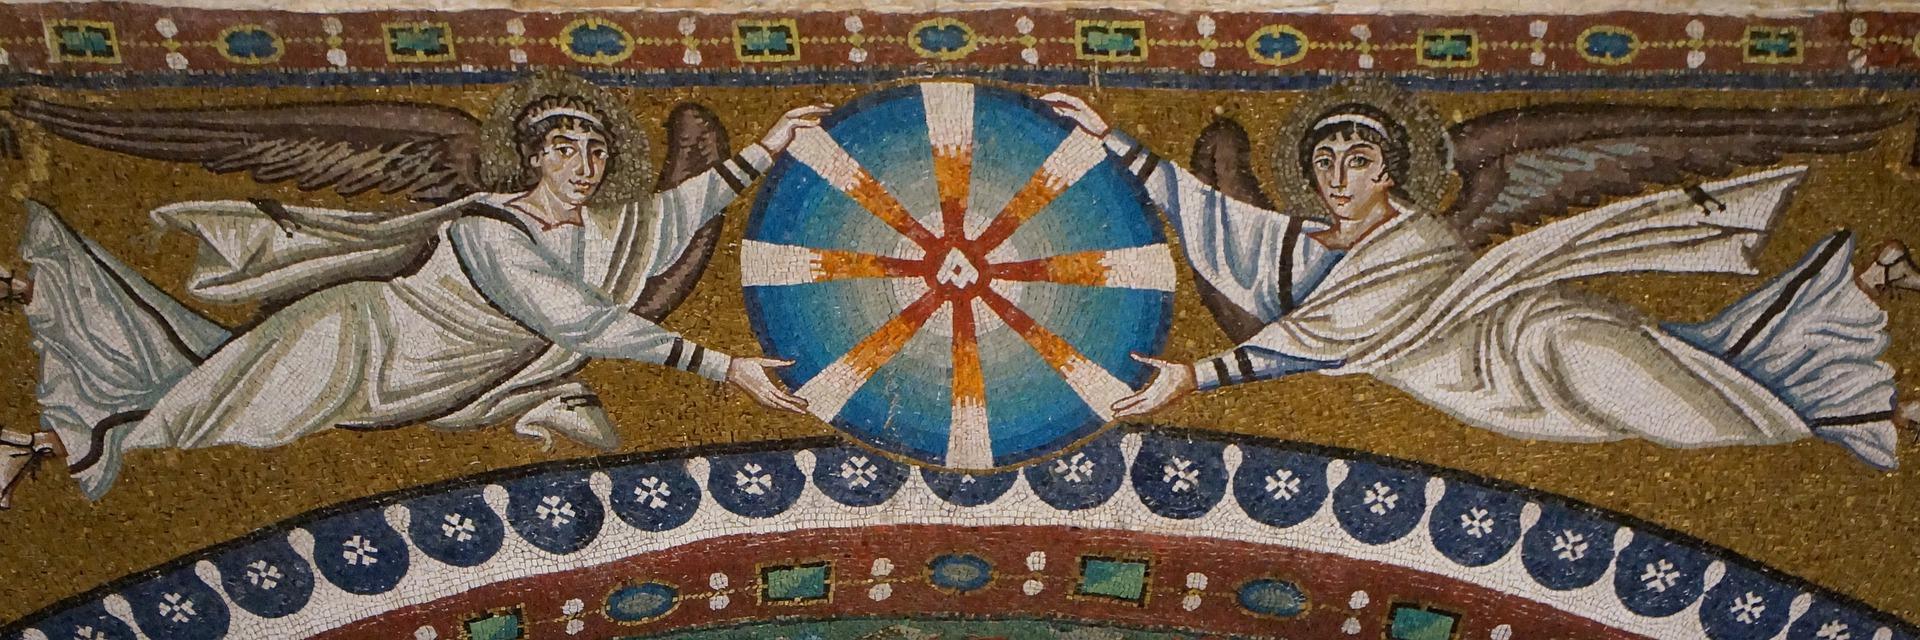 Ravenna e i suoi Mosaici